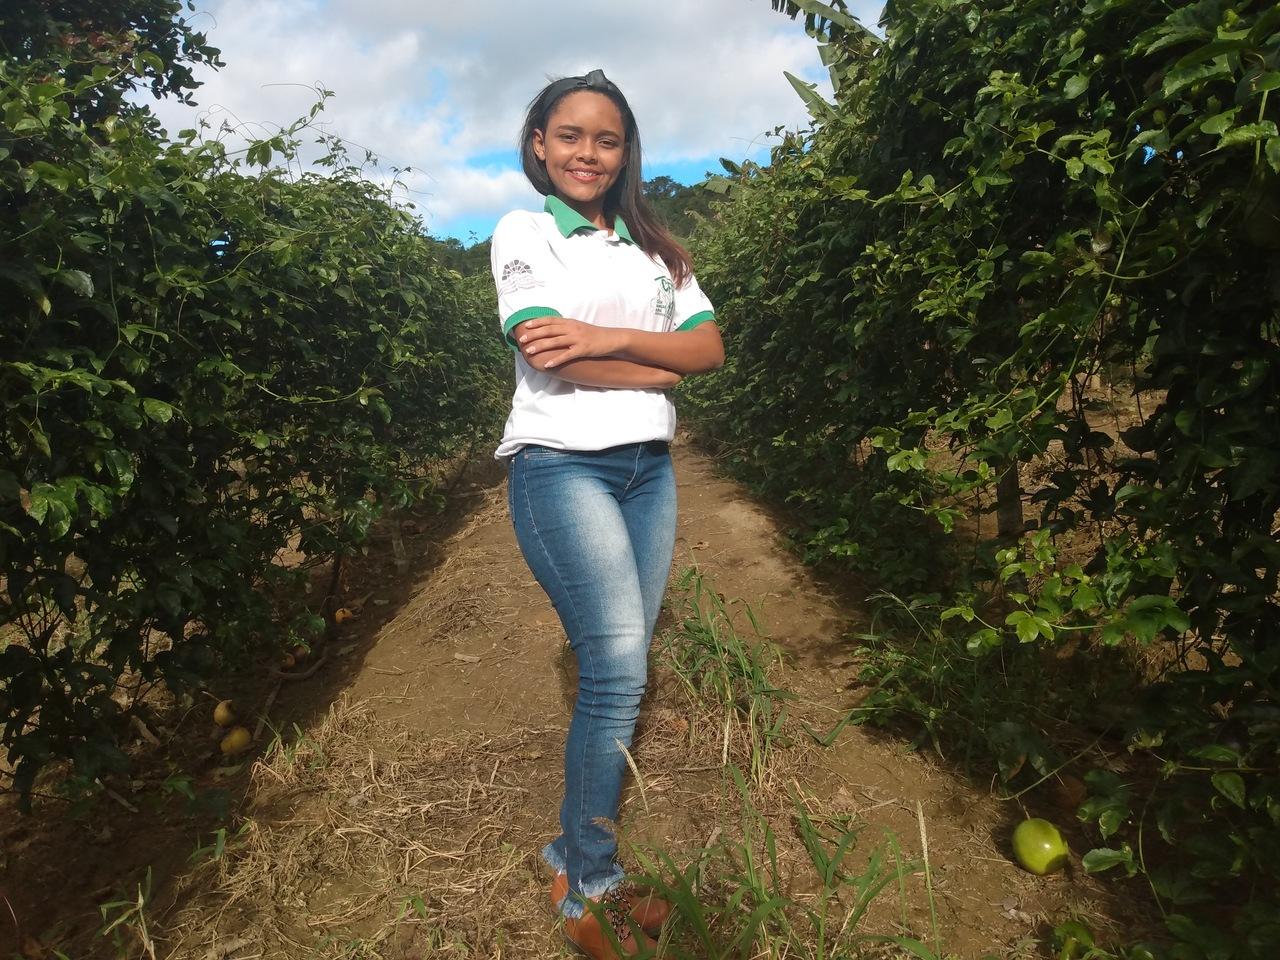 Uma jovem negra está sorrindo confiante, de uniforme escolar, em um cenário rural.